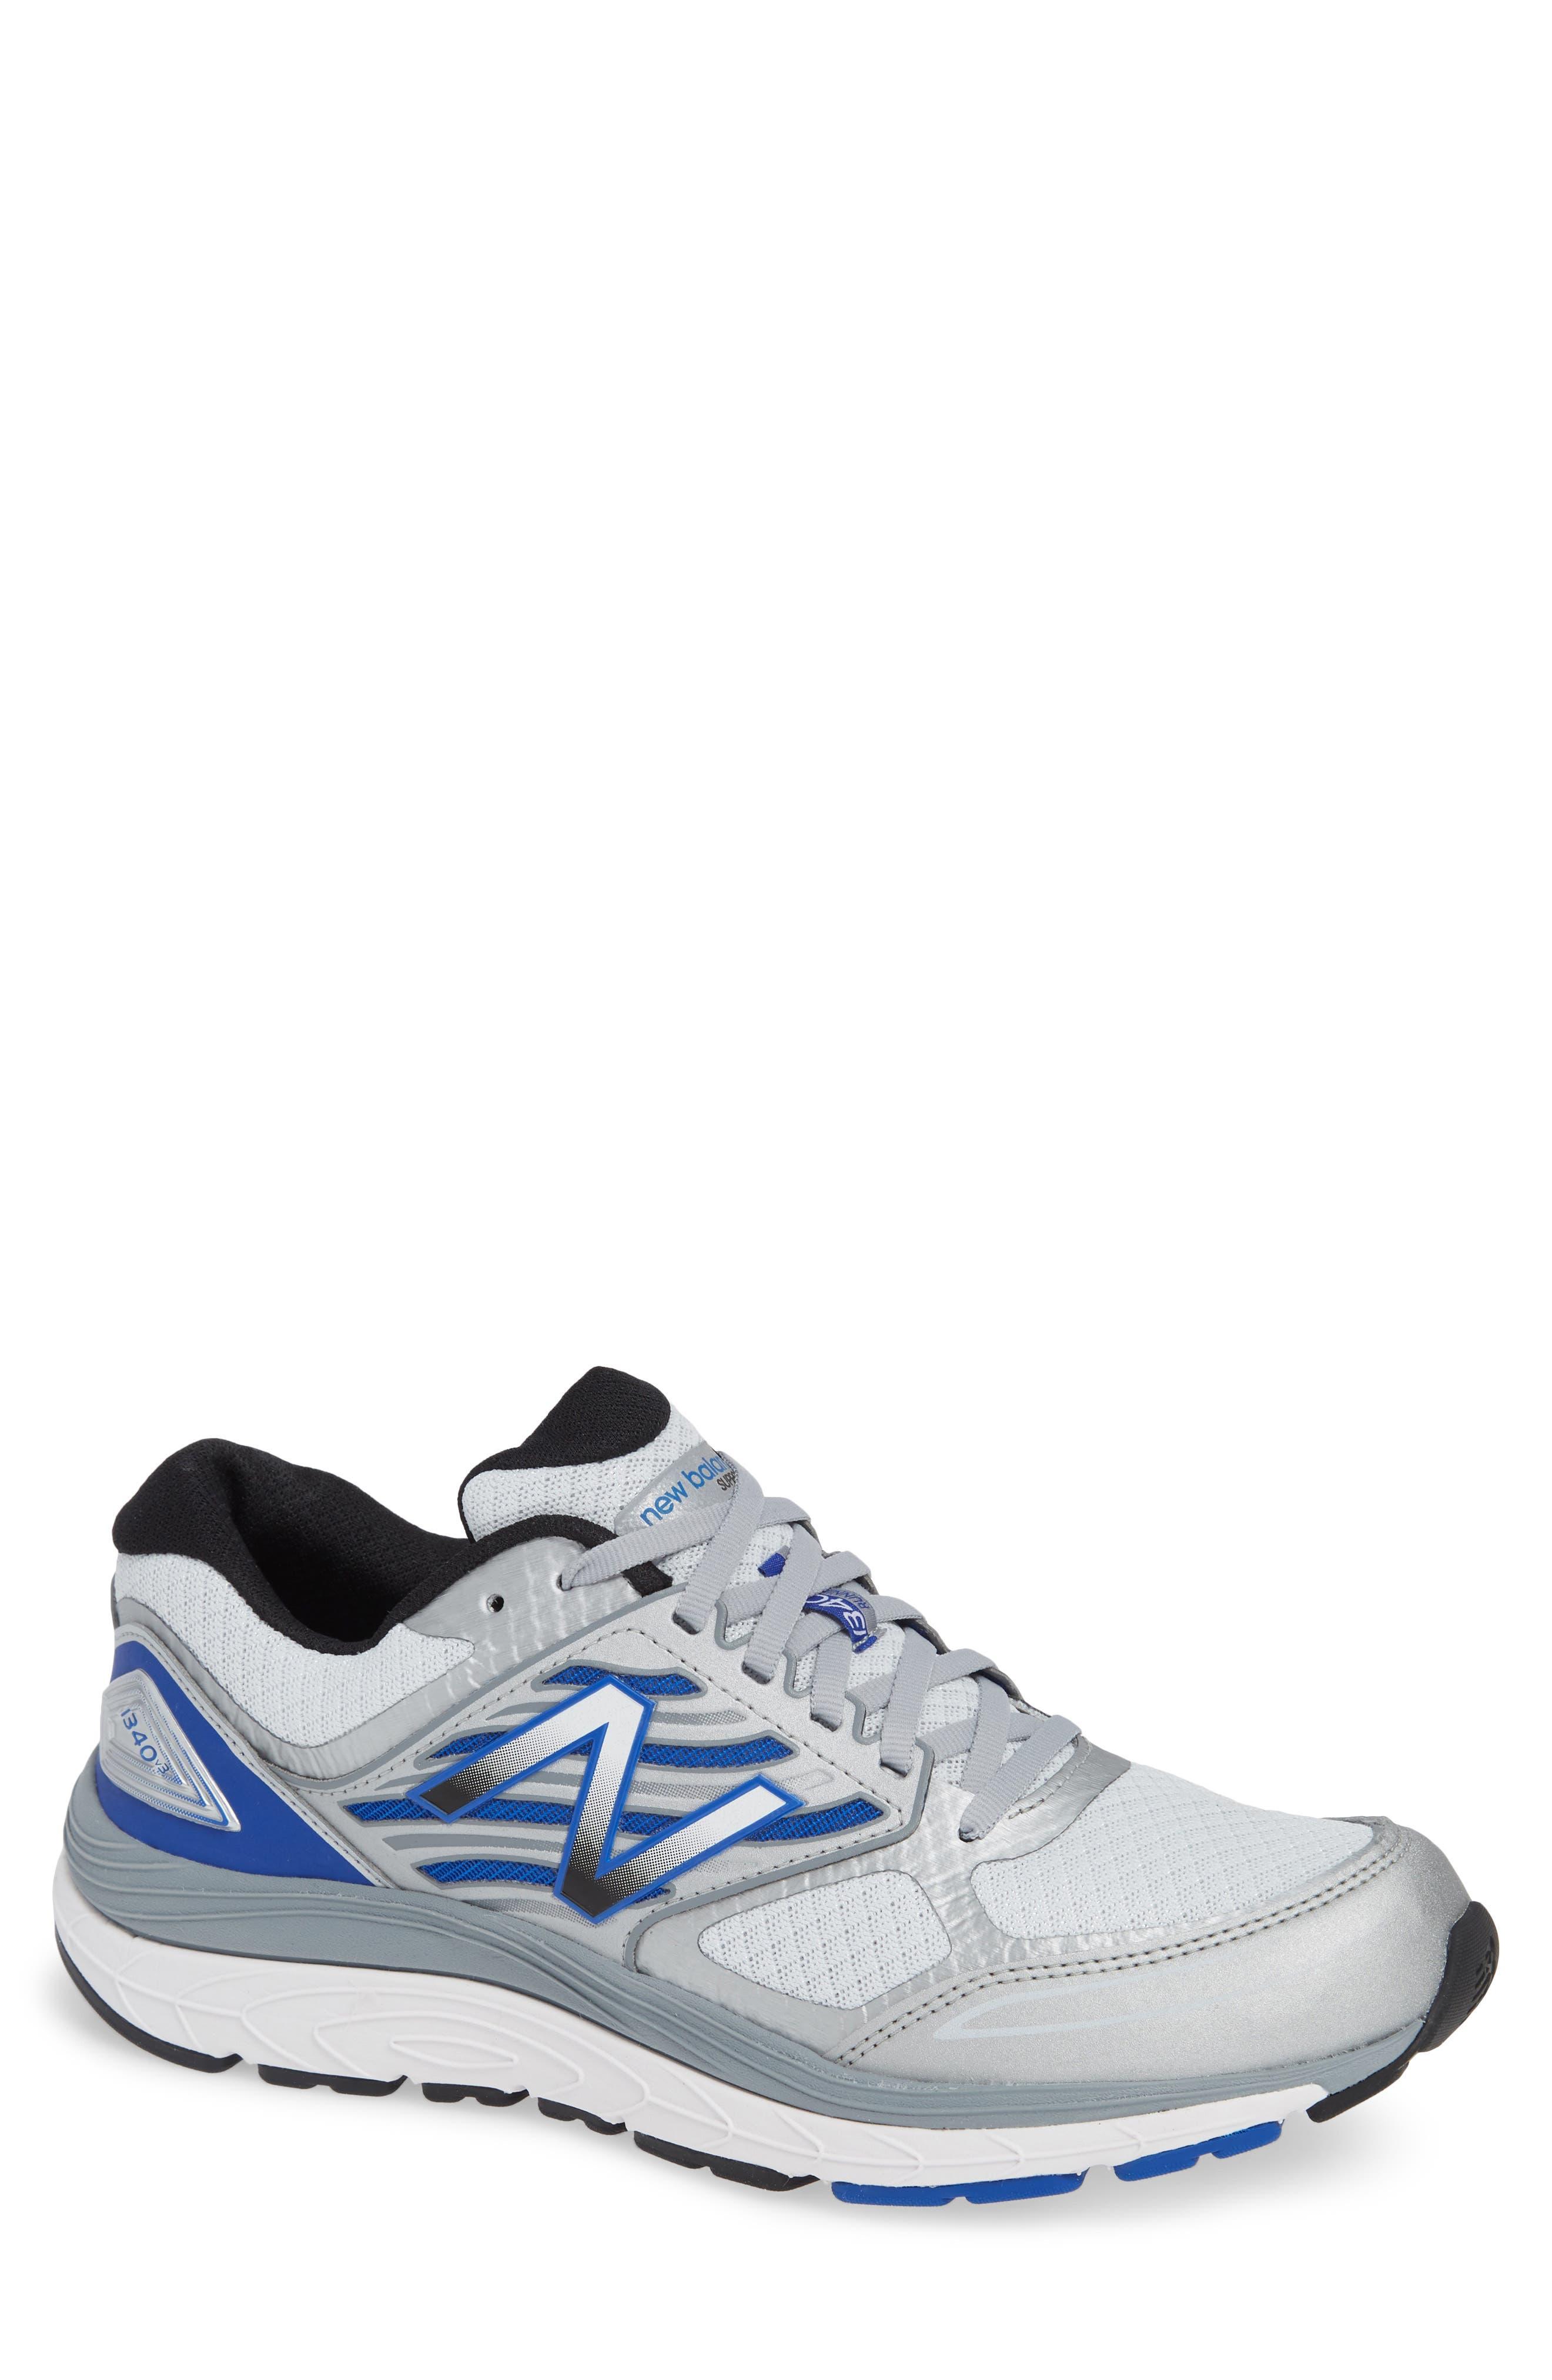 New Balance 1340v3 Running Shoe (Men